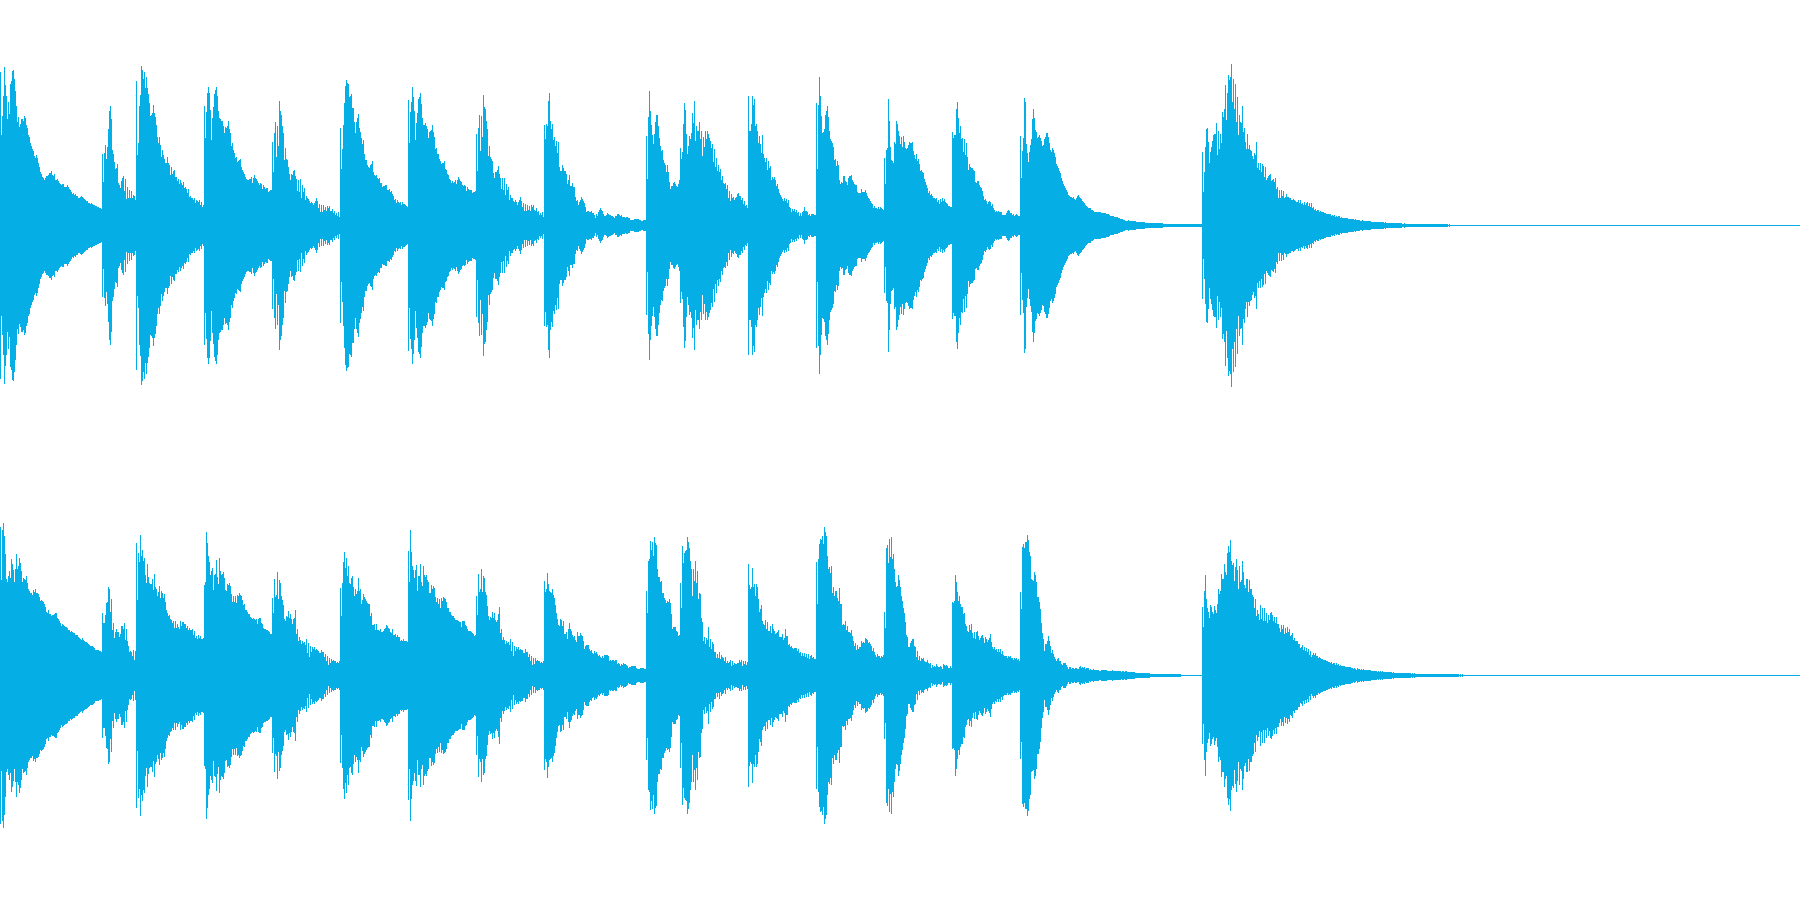 シロフォンのかわいい5秒ジングルの再生済みの波形